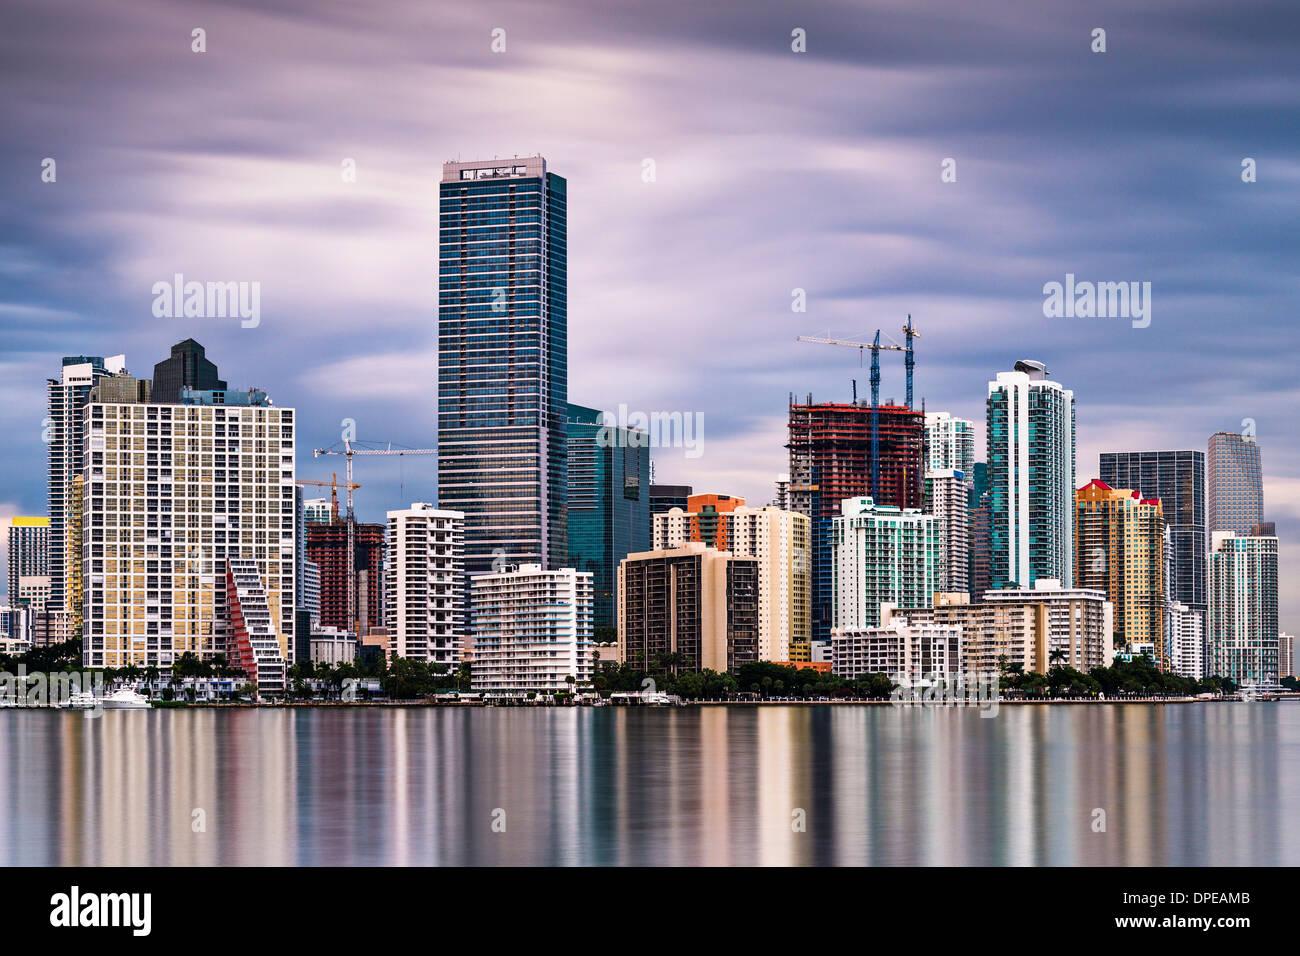 Skyline di Miami, Florida, Stati Uniti d'America. Foto Stock